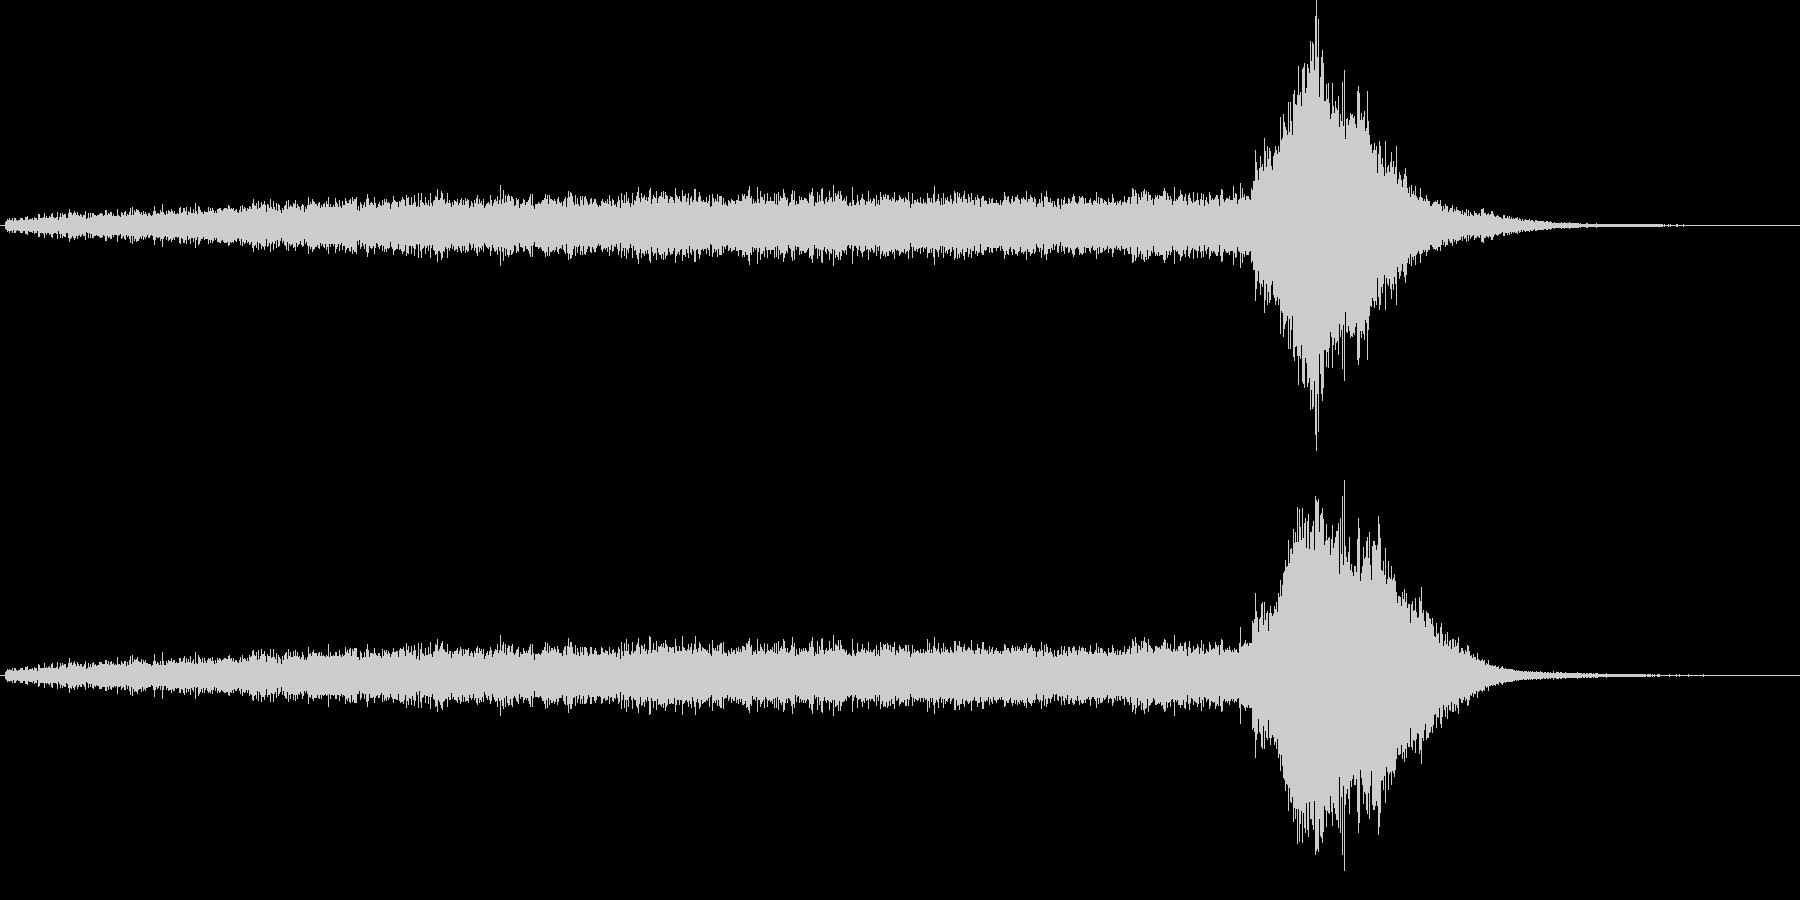 ワープ音(宇宙船、SFイメージ)2の未再生の波形